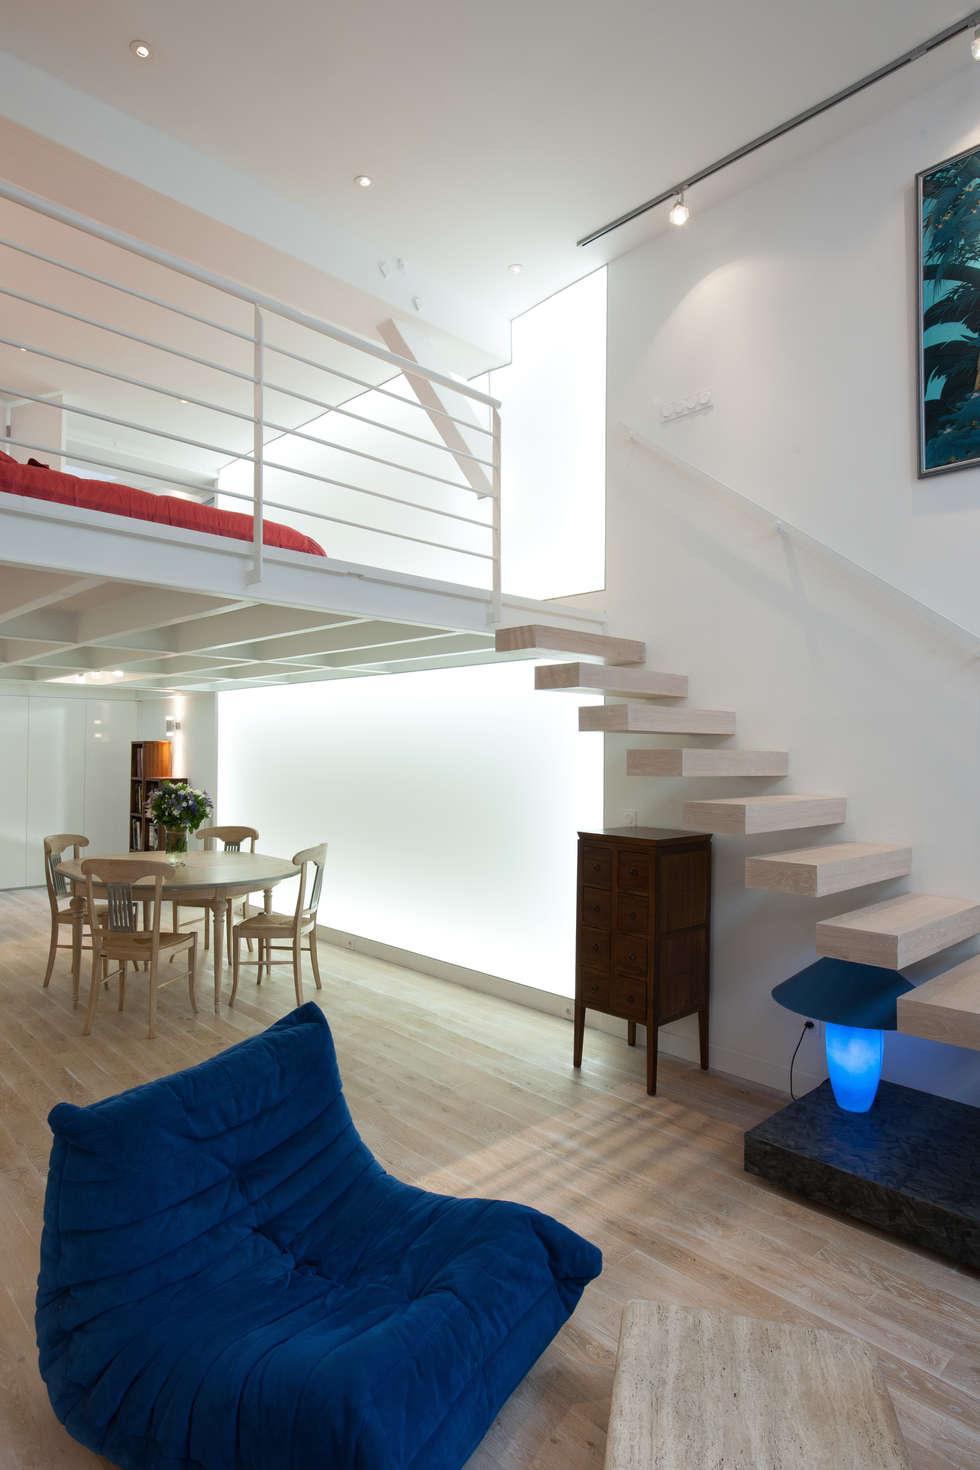 Mur de lumière: Salon de style de style Minimaliste par Fables de murs